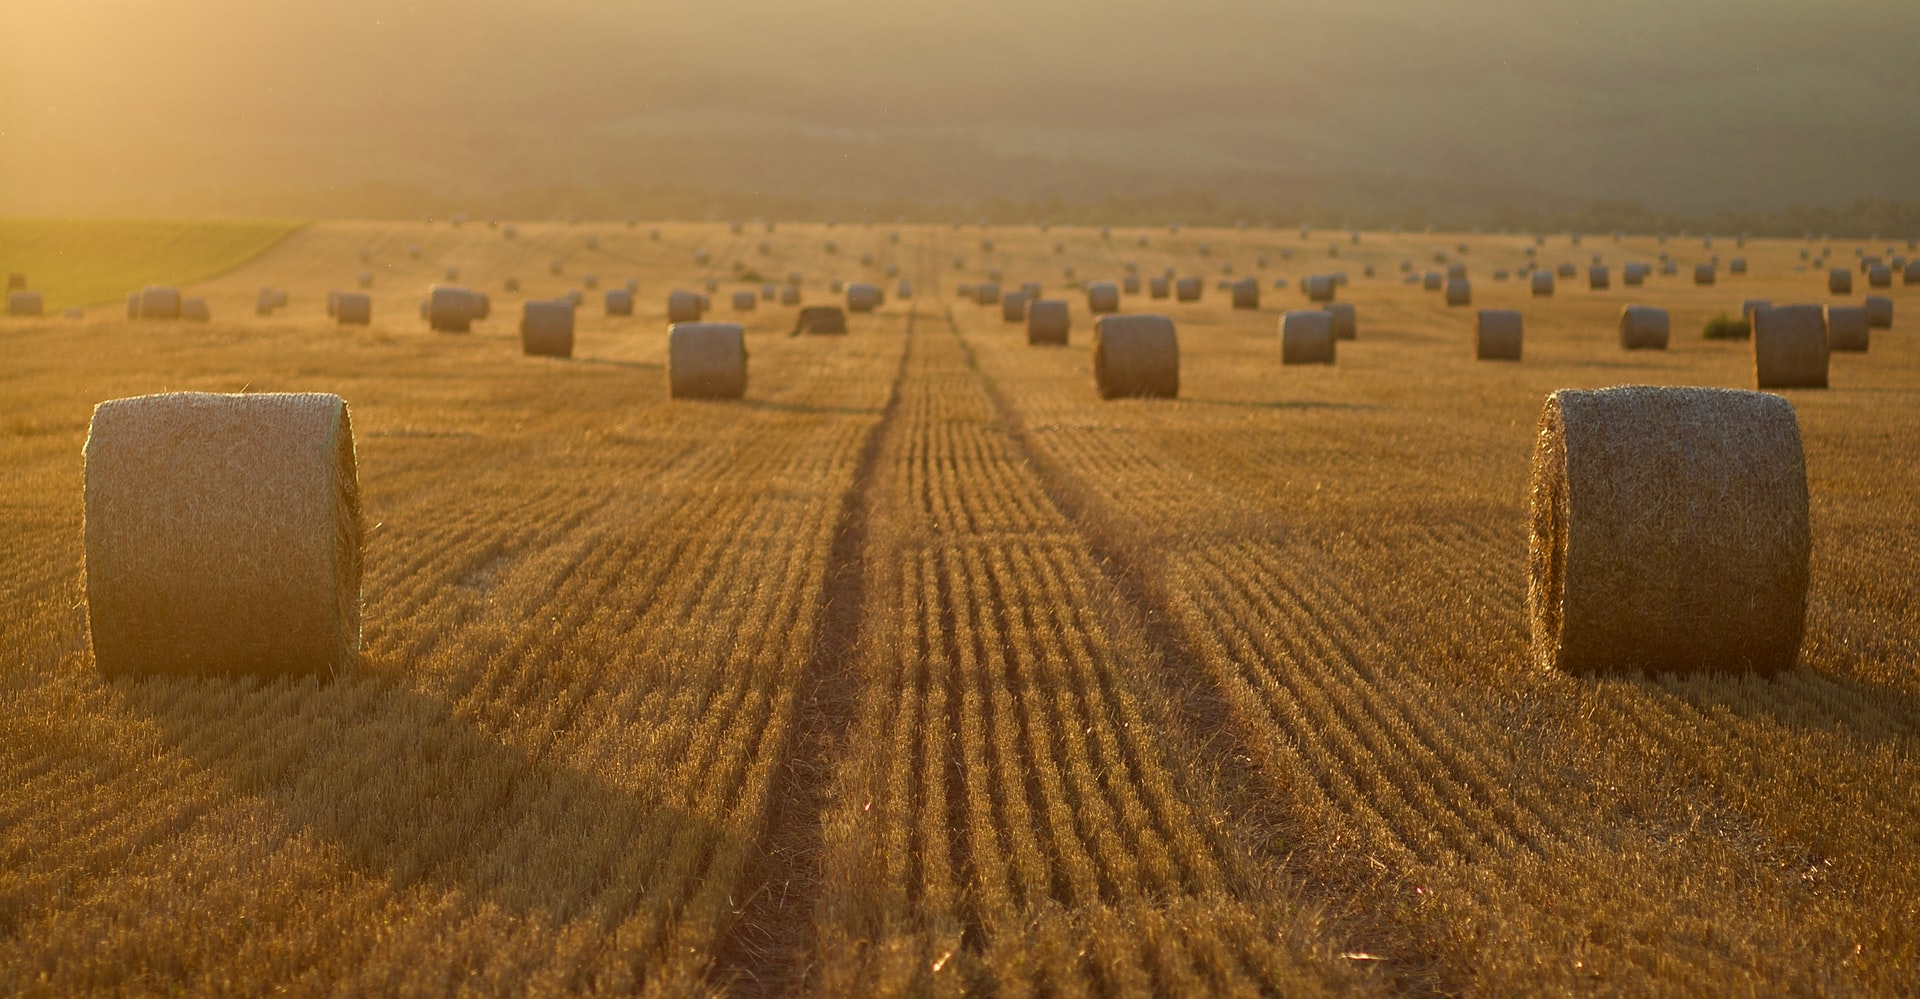 Rundballen auf einem Feld